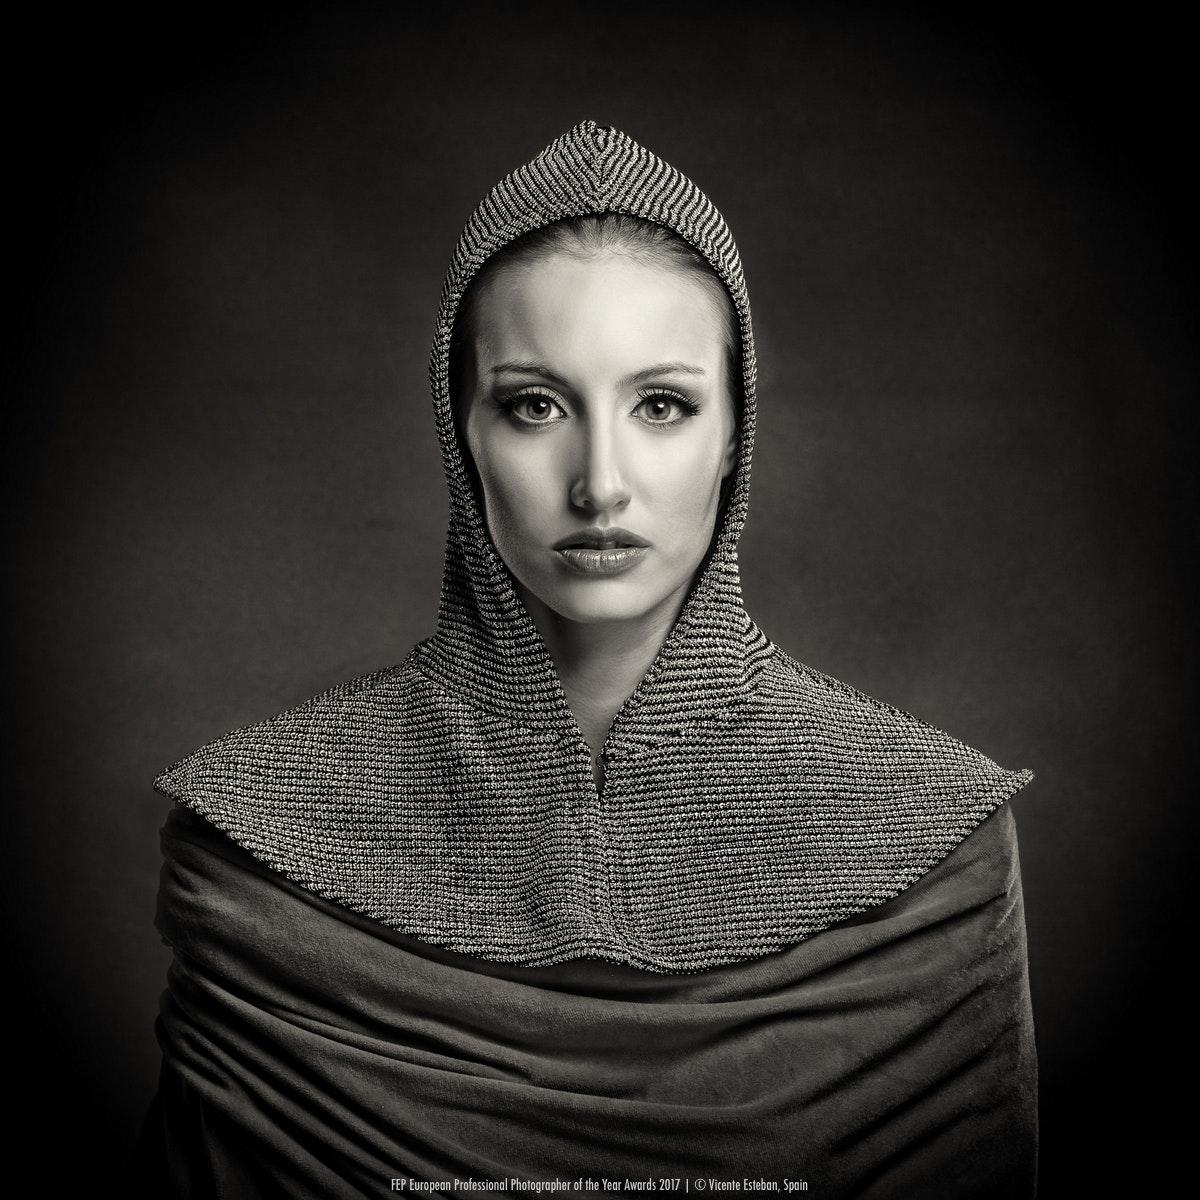 Висенте Эстебан, Испания / Vicente Esteban, Spain, Победитель в категории «Портрет», Фотоконкурс «Европейский фотограф года»